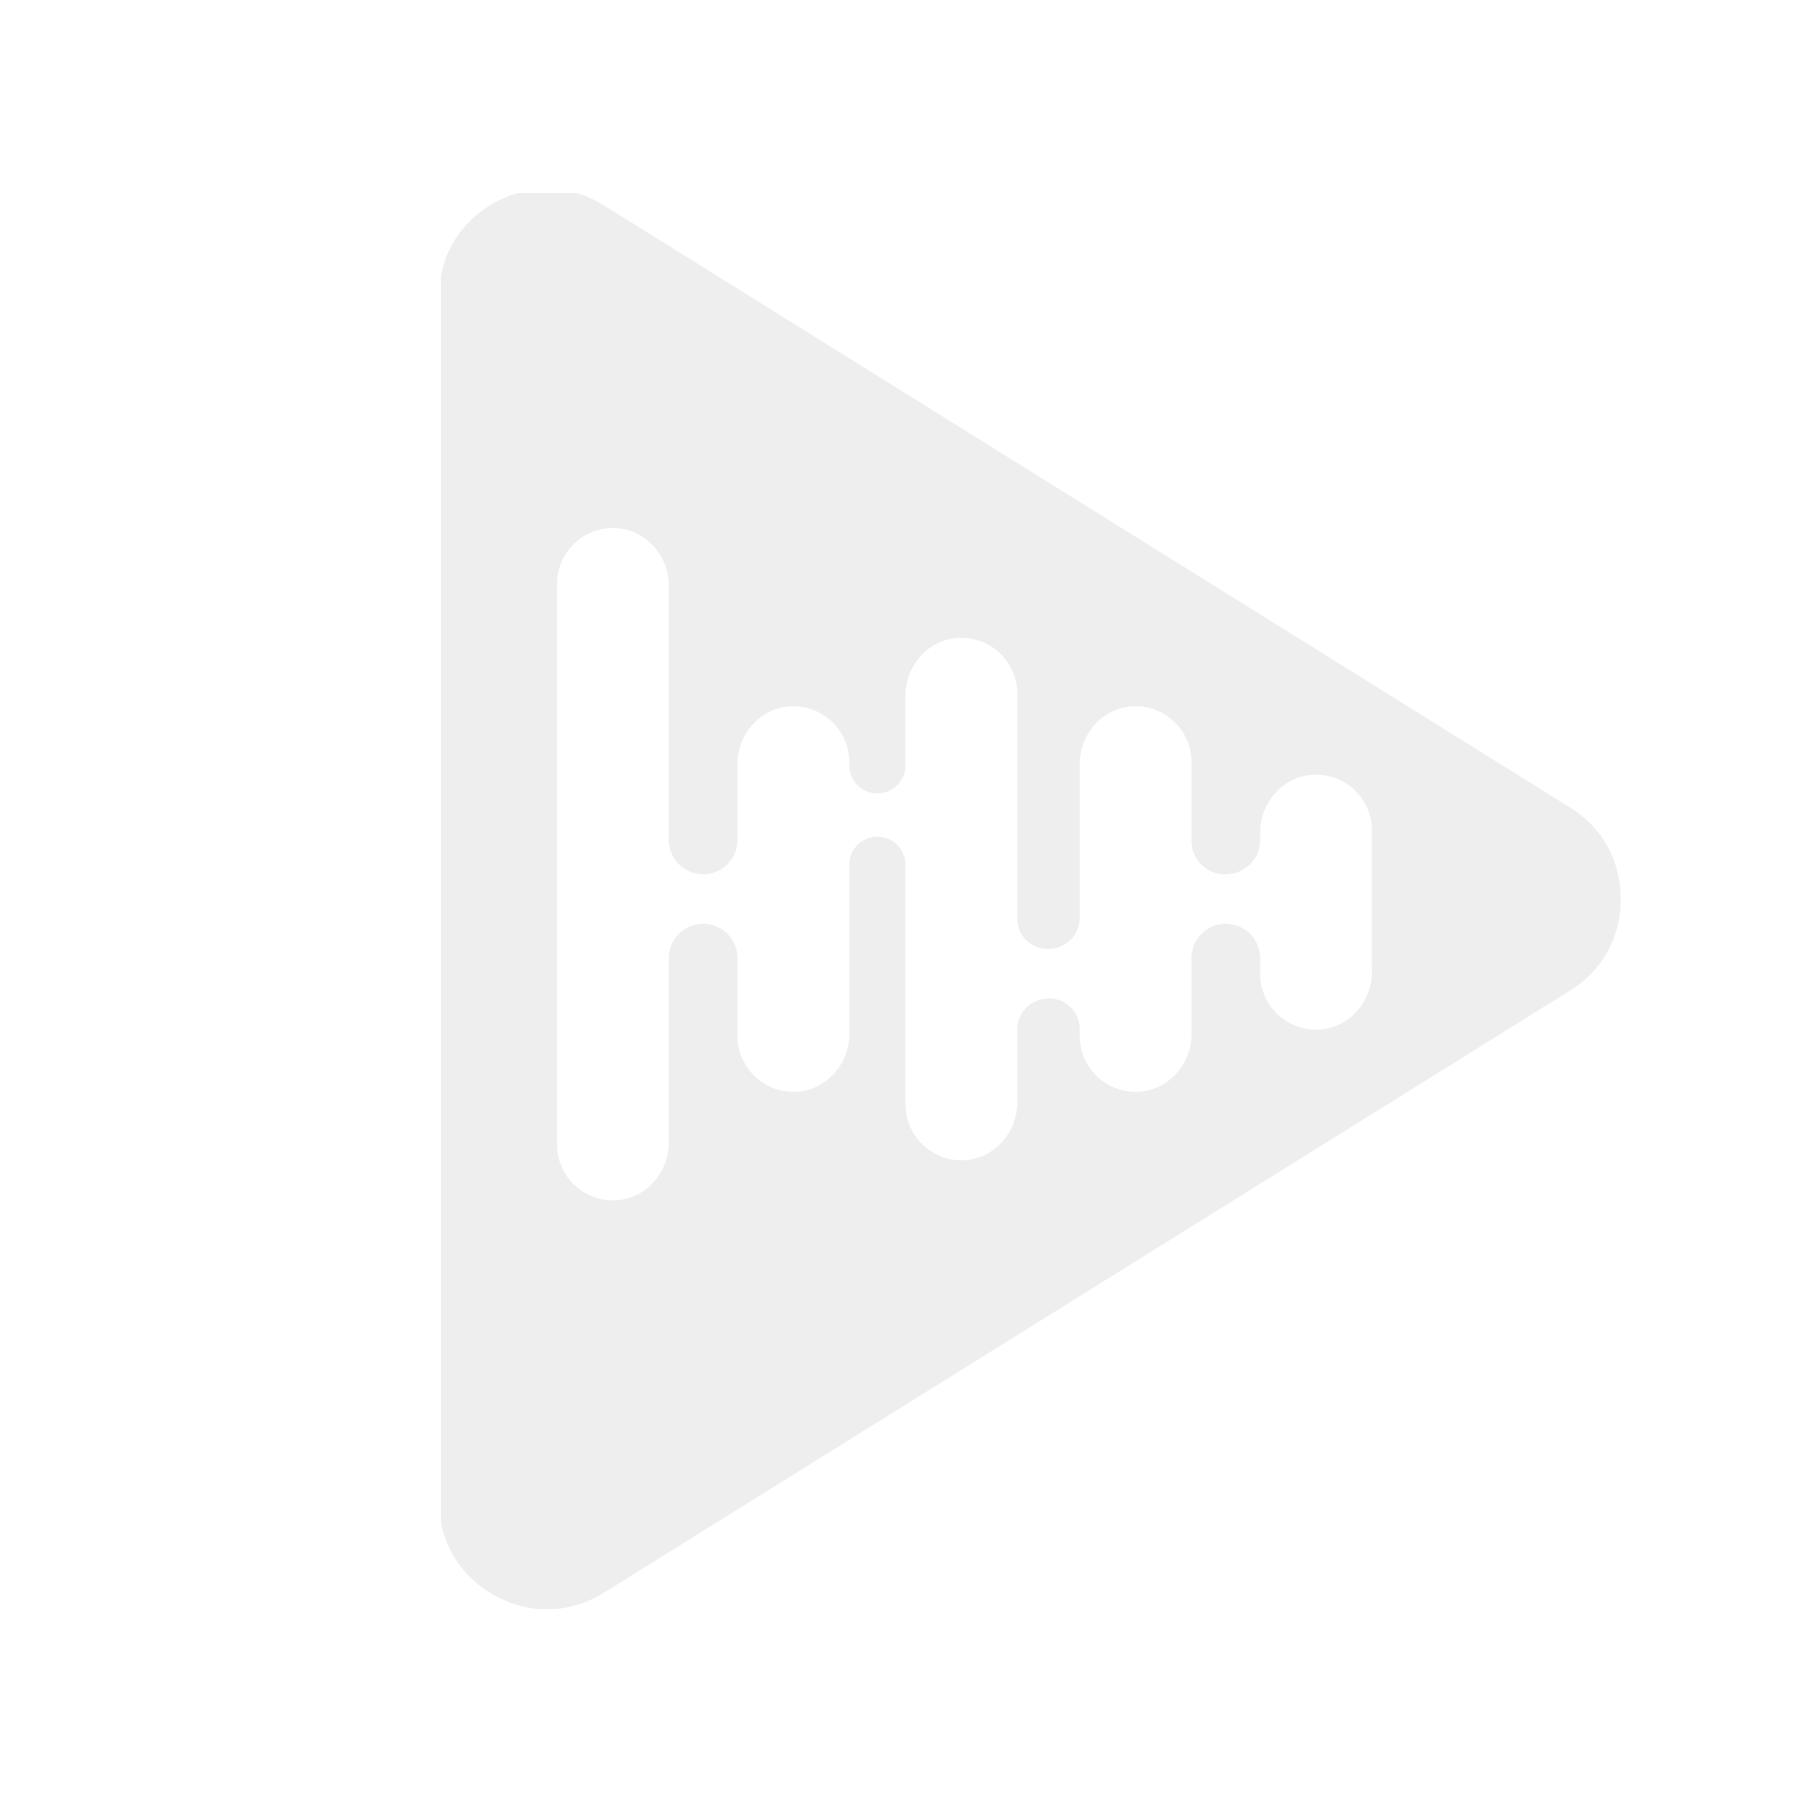 Scosche SoundKase SKC96